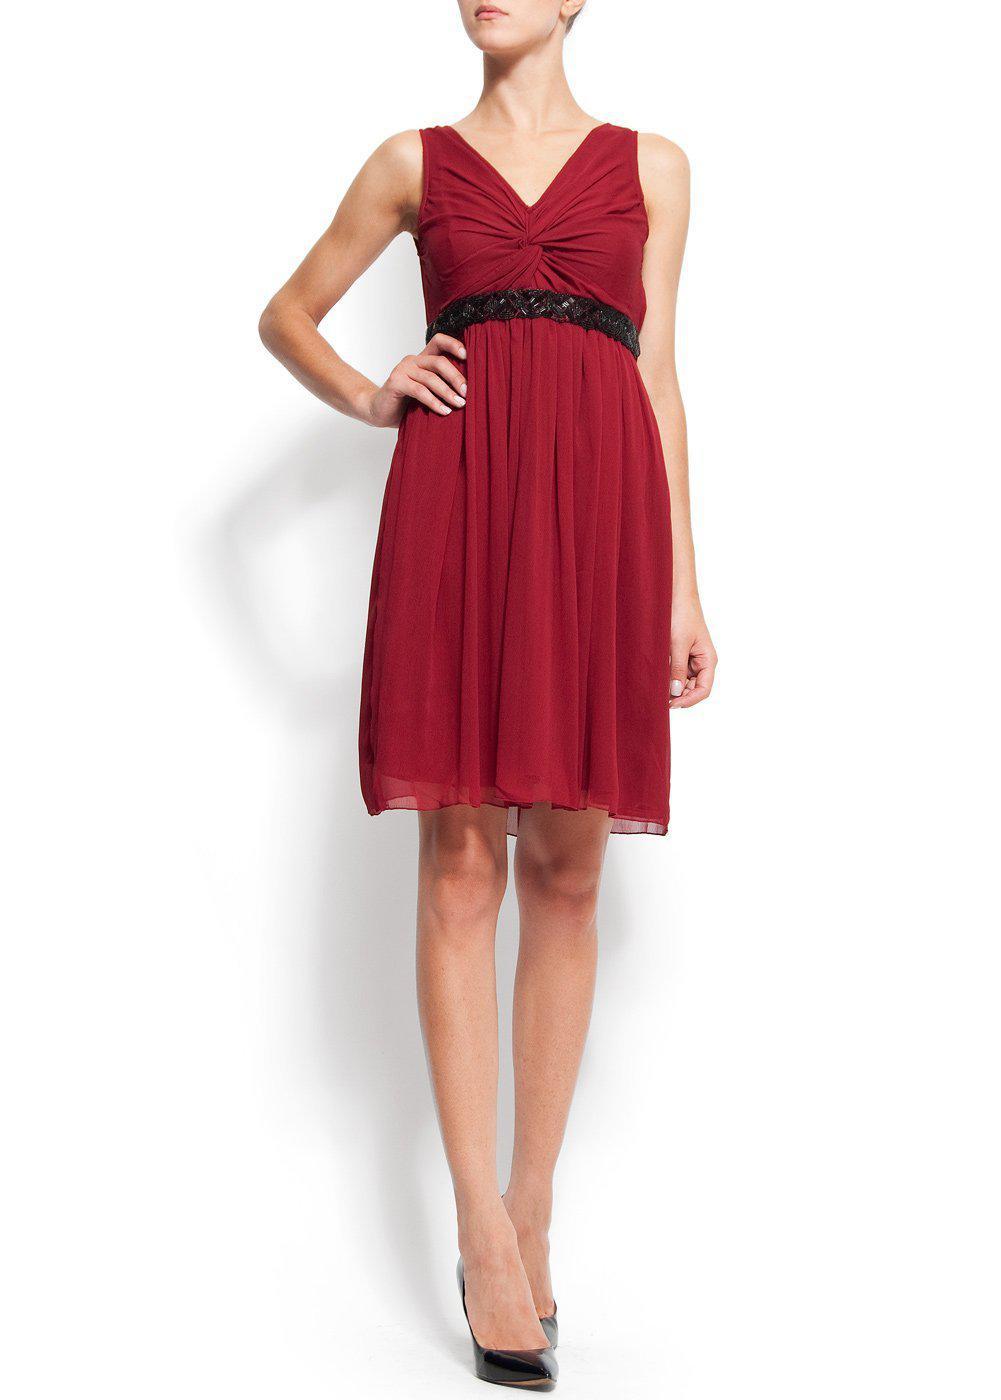 Βραδυνα φορεματα Mango 2011 2012 κωδ. 03 c91bbe798a3